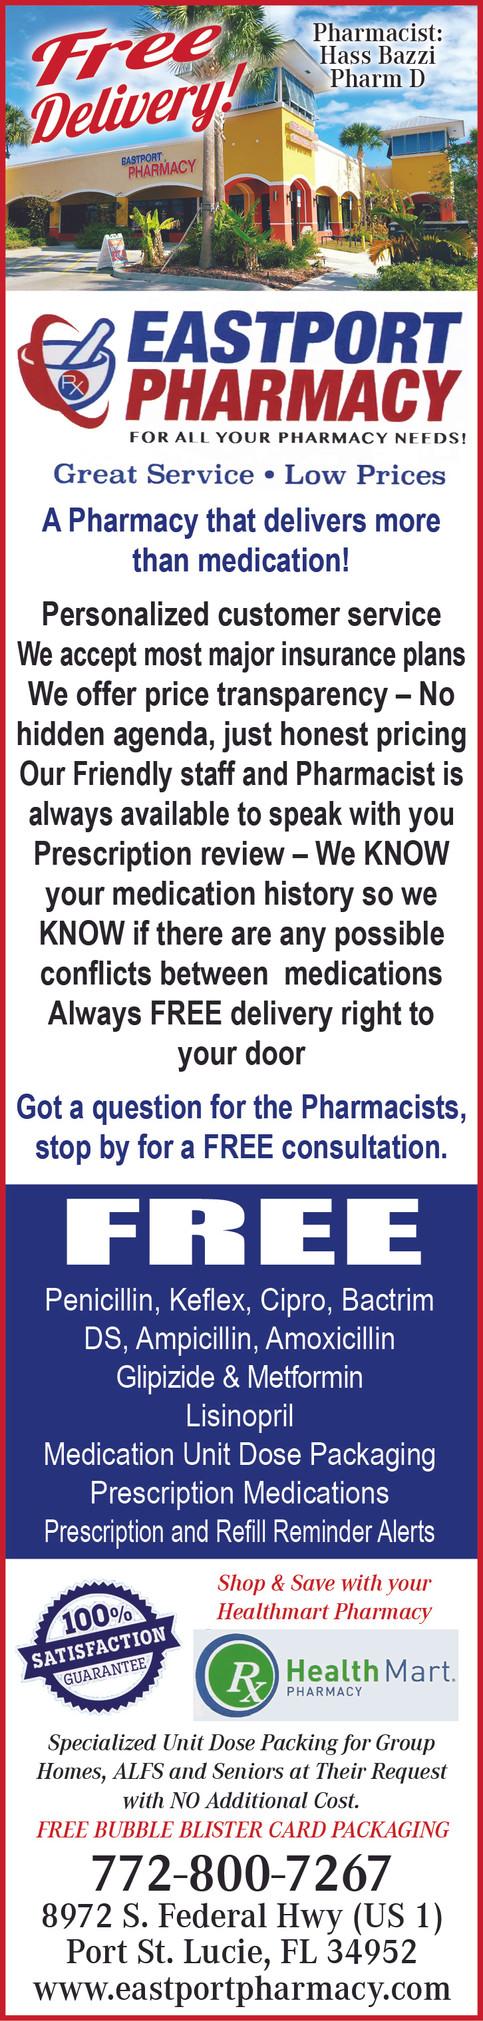 Eastport Pharmacy